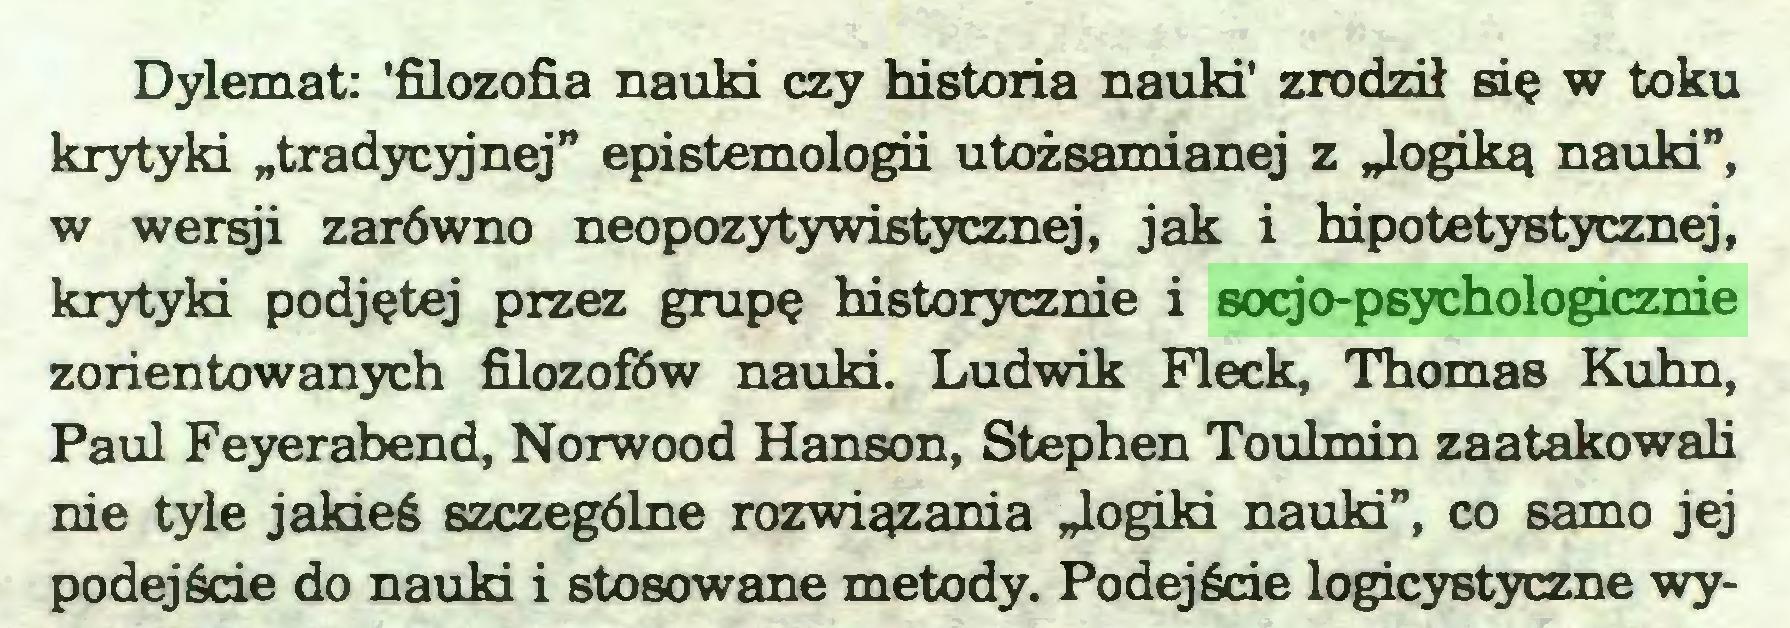 """(...) Dylemat: 'filozofia nauki czy historia nauki' zrodził się w toku krytyki """"tradycyjnej"""" epistemologii utożsamianej z """"logiką nauki"""", w wersji zarówno neopozytywistycznej, jak i hipotetystycznej, krytyki podjętej przez grupę historycznie i socjo-psychologicznie zorientowanych filozofów nauki. Ludwik Fleck, Thomas Kuhn, Paul Feyerabend, Norwood Hanson, Stephen Toulmin zaatakowali nie tyle jakieś szczególne rozwiązania """"logiki nauki"""", co samo jej podejście do nauki i stosowane metody. Podejście logicystyczne wy..."""